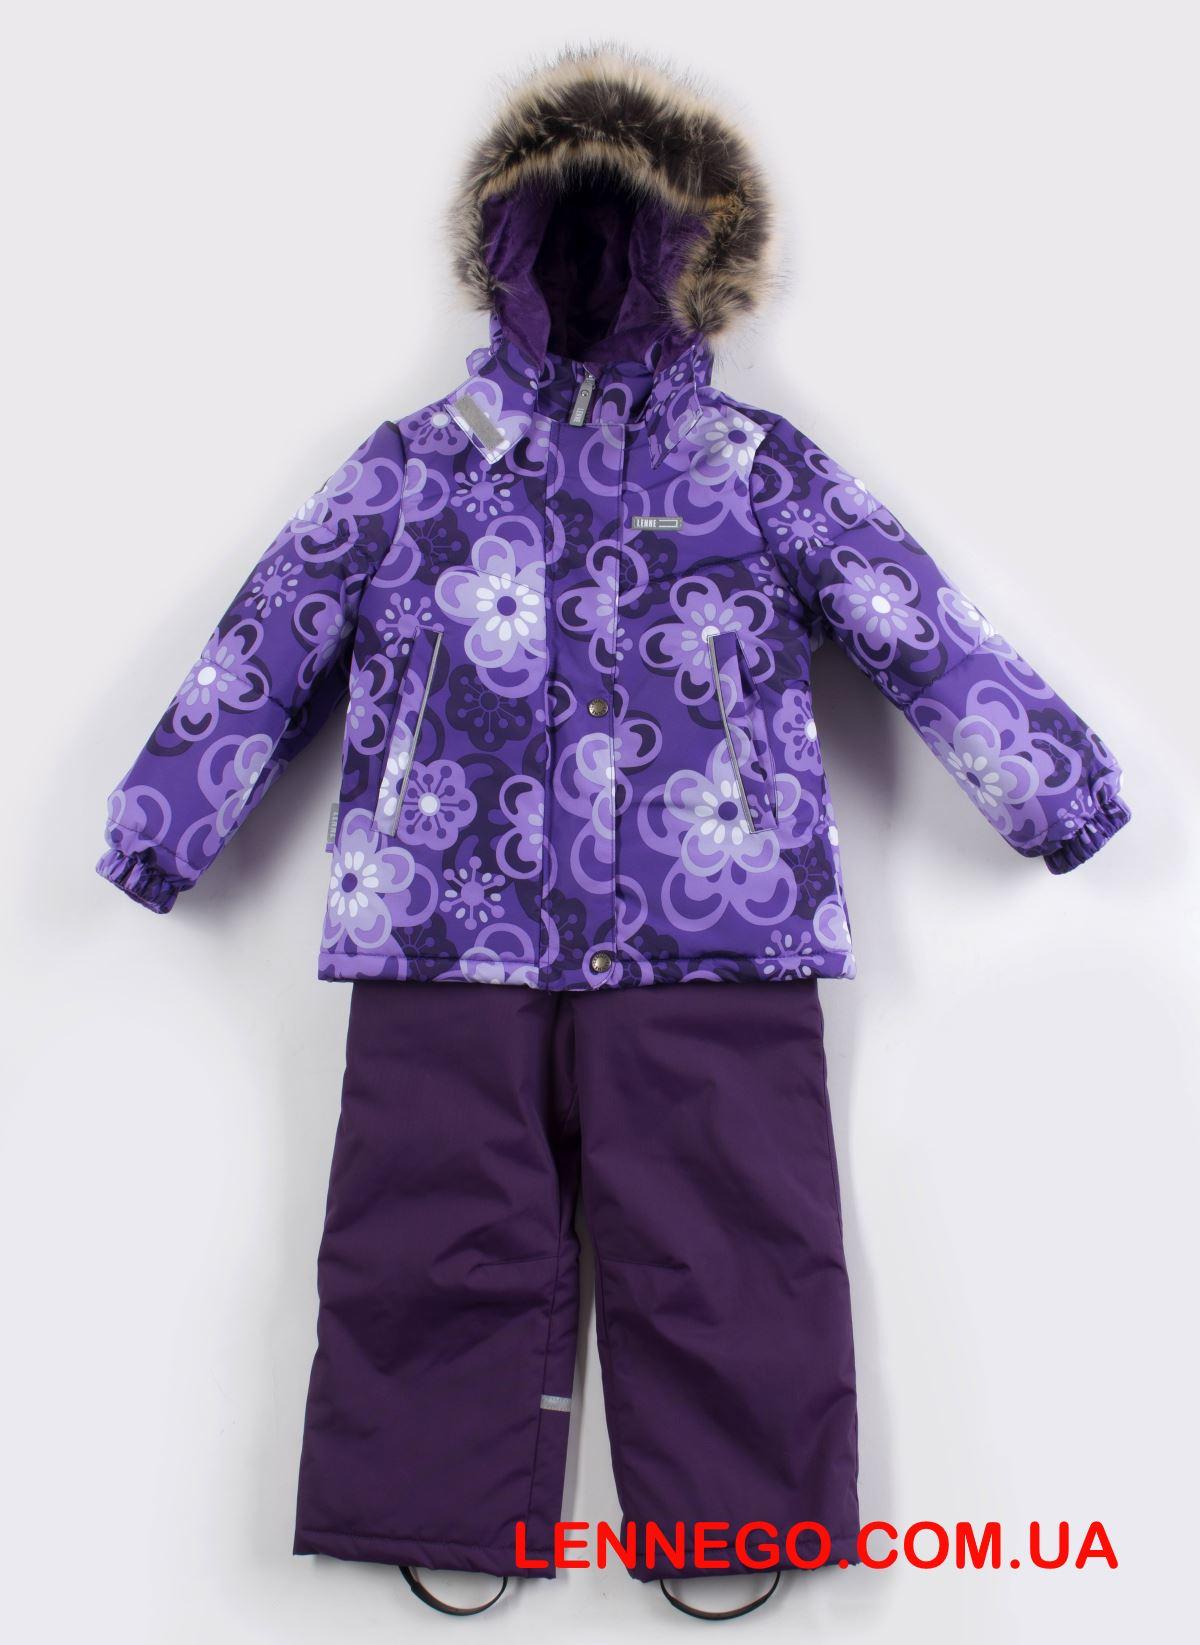 Lenne Roosa комплект для девочки фиолетовый